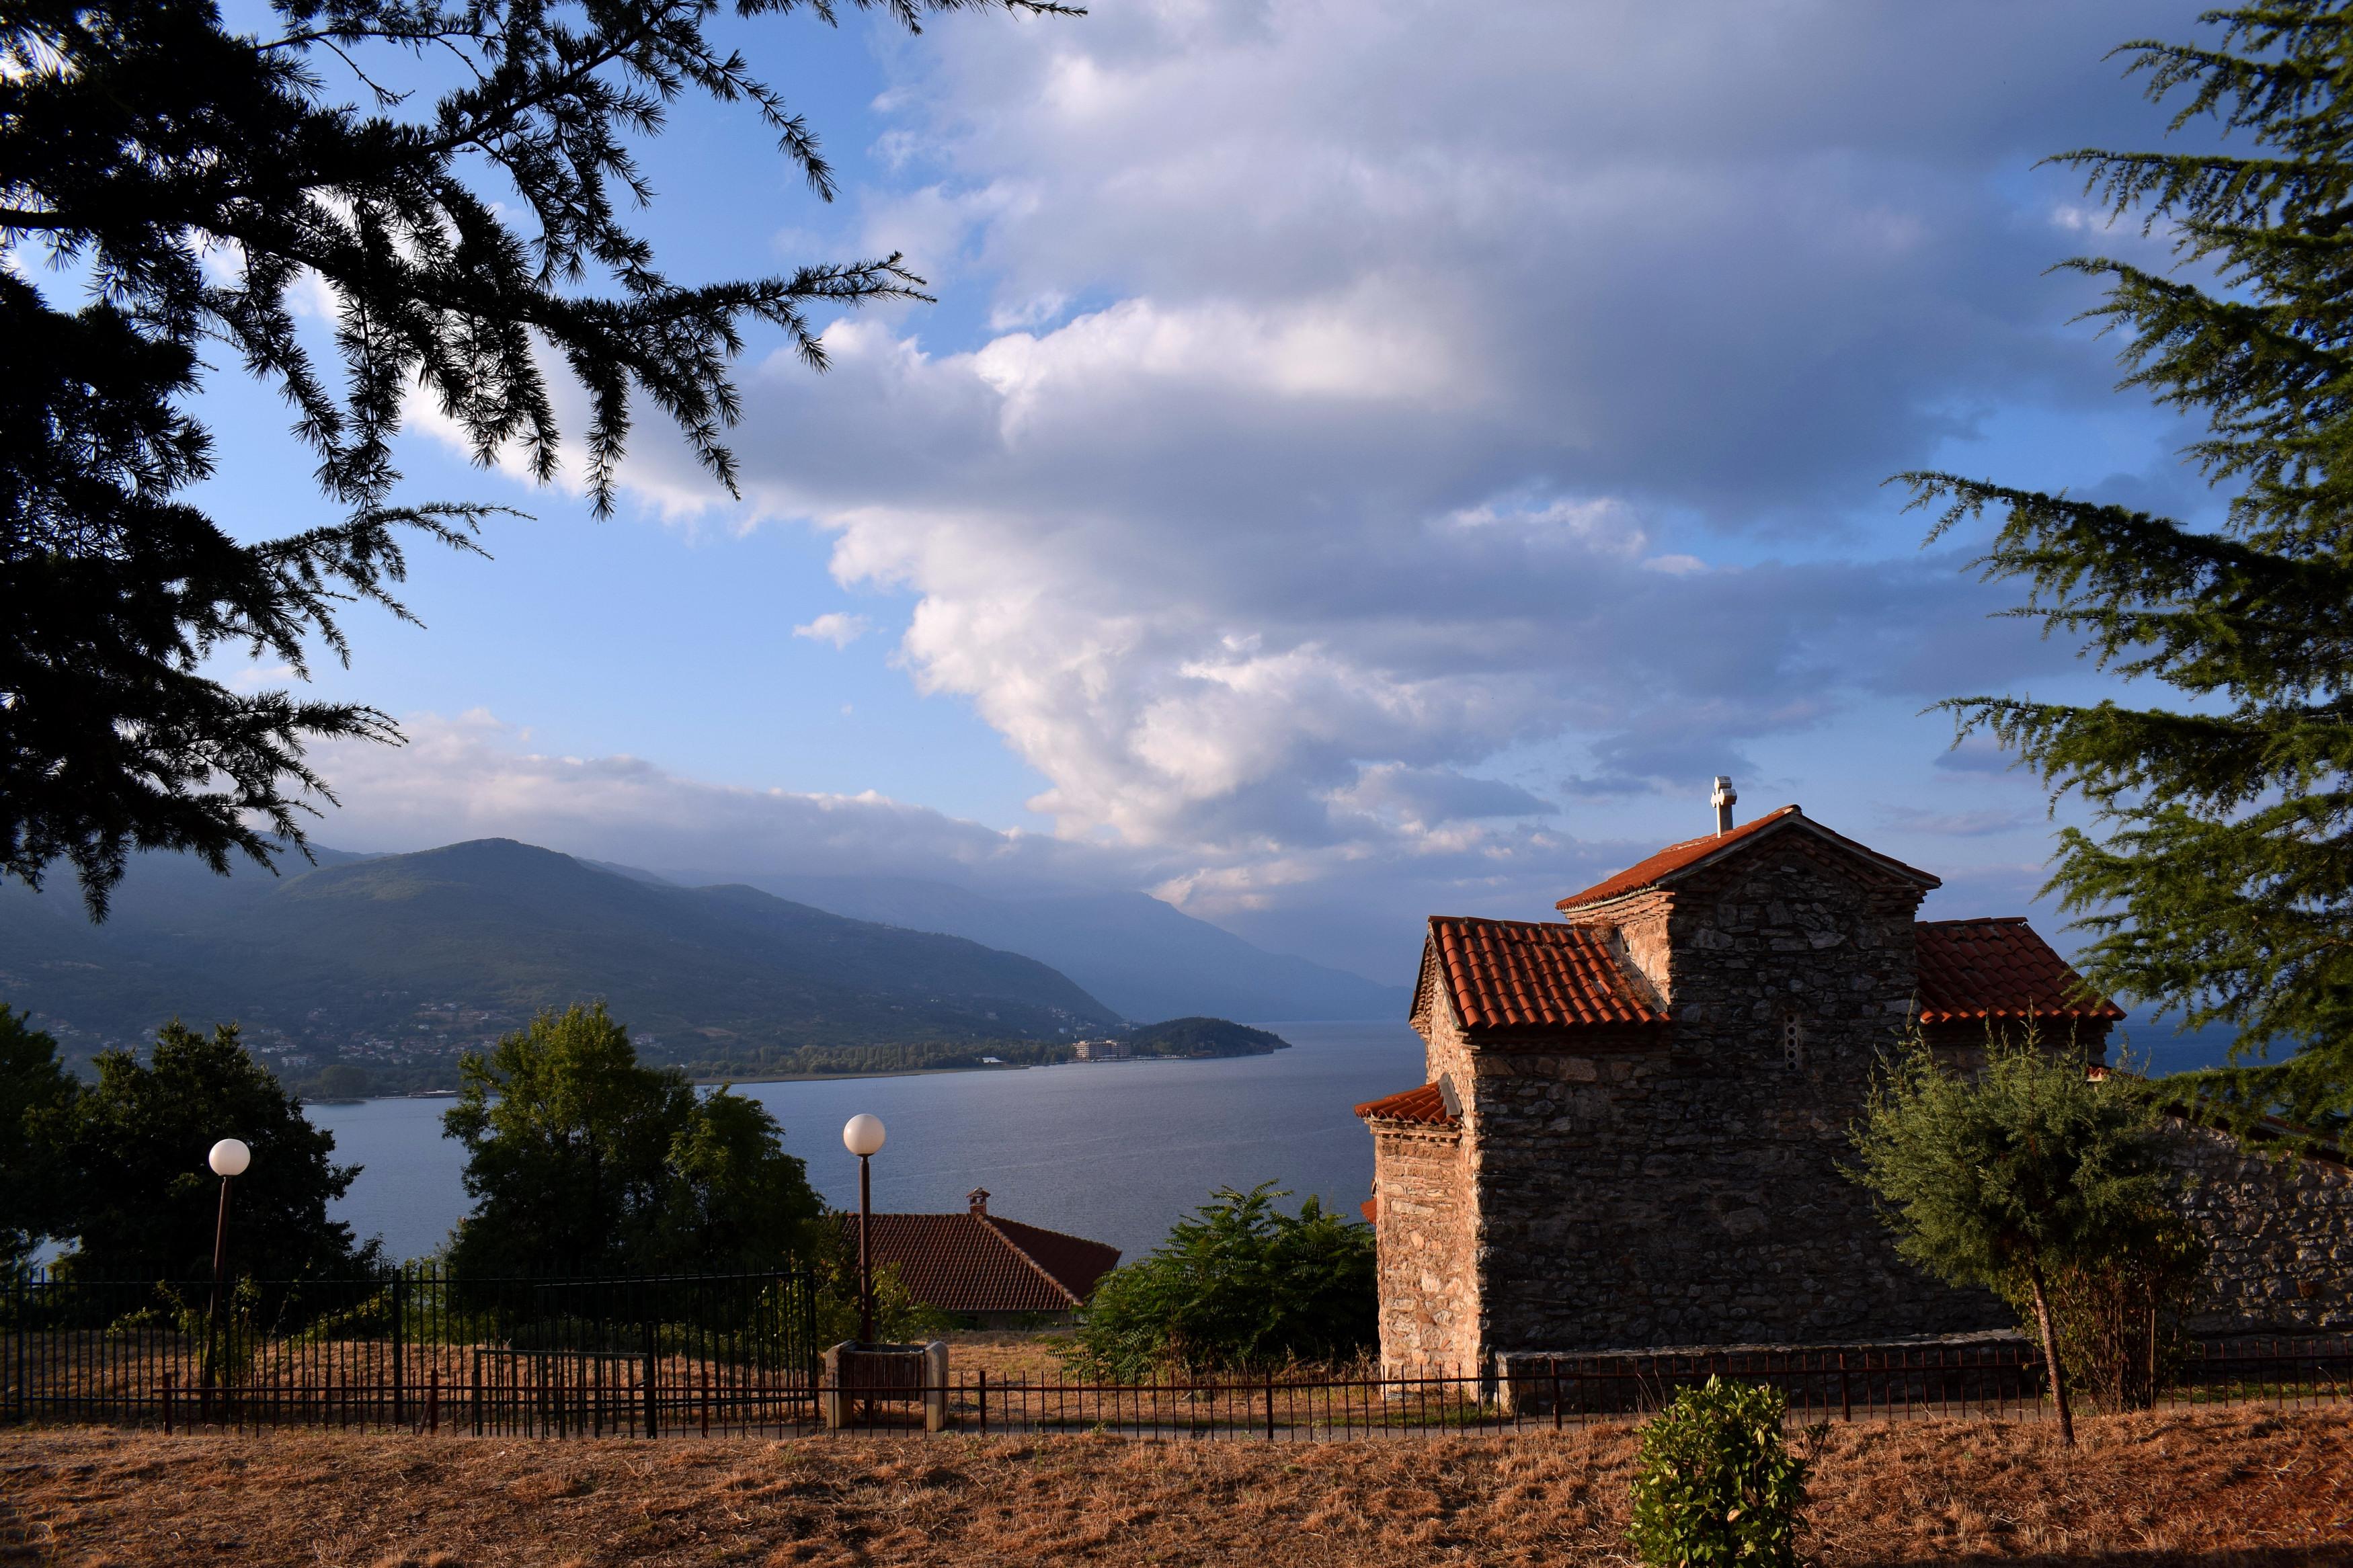 Ez igaz is, de Ohridban minden templom ebben a bizánci stílusban épült. (Nem feltétlenül azért, mert egyszerre épültek, csak tetszett nekik ez a stílus.)